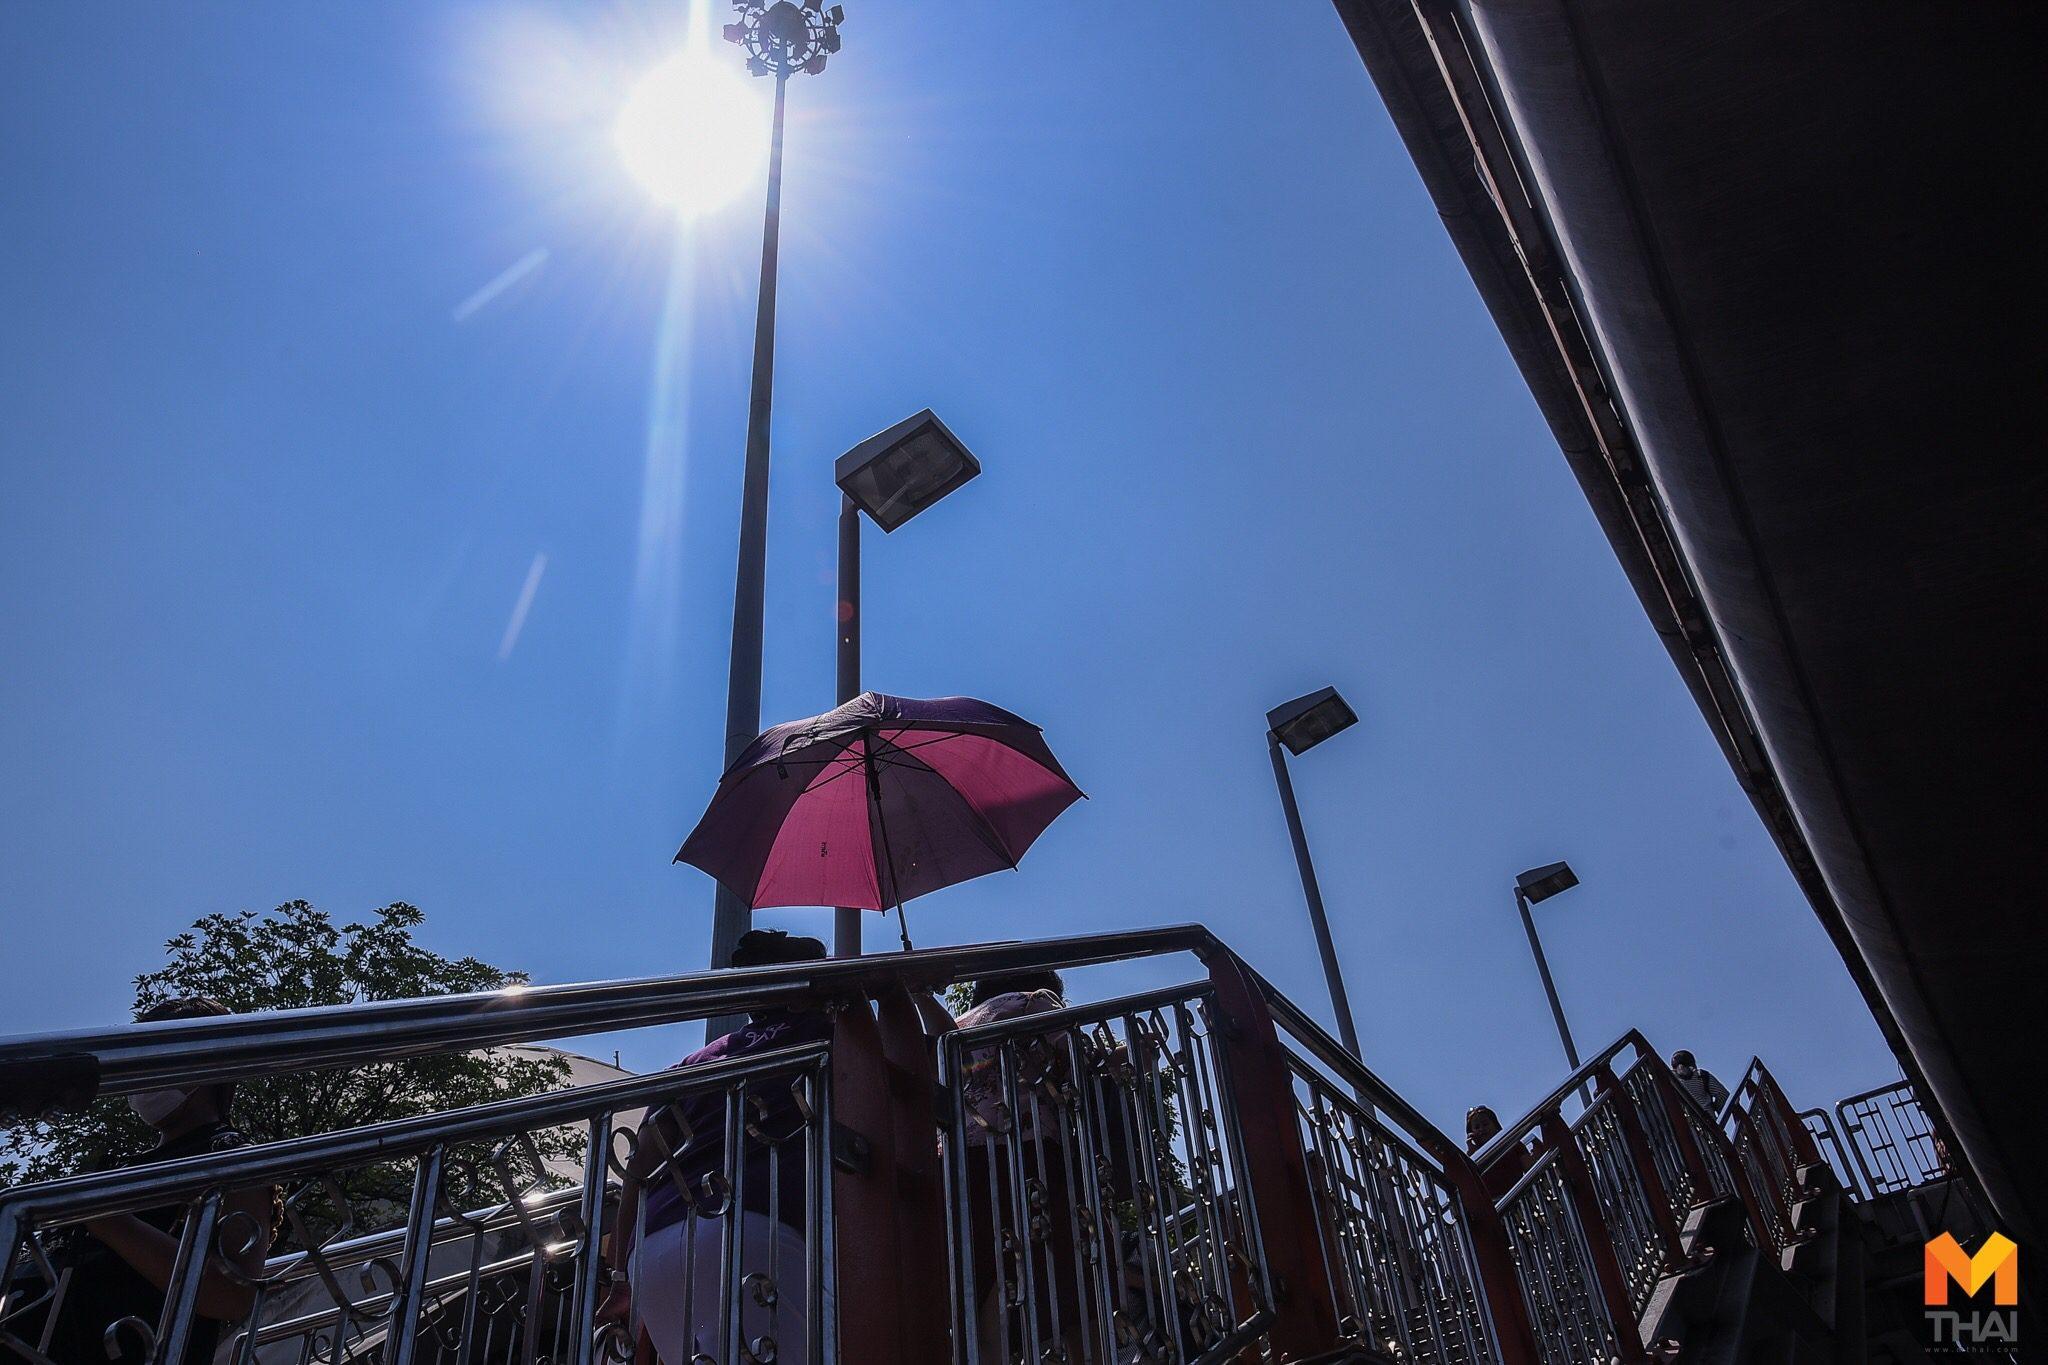 21 ก.พ. นี้ ไทยเข้าสู่ฤดูร้อนอย่างเป็นทางการ กรมอุตุฯ เผย 7 จังหวัดร้อนสุด 43 องศา